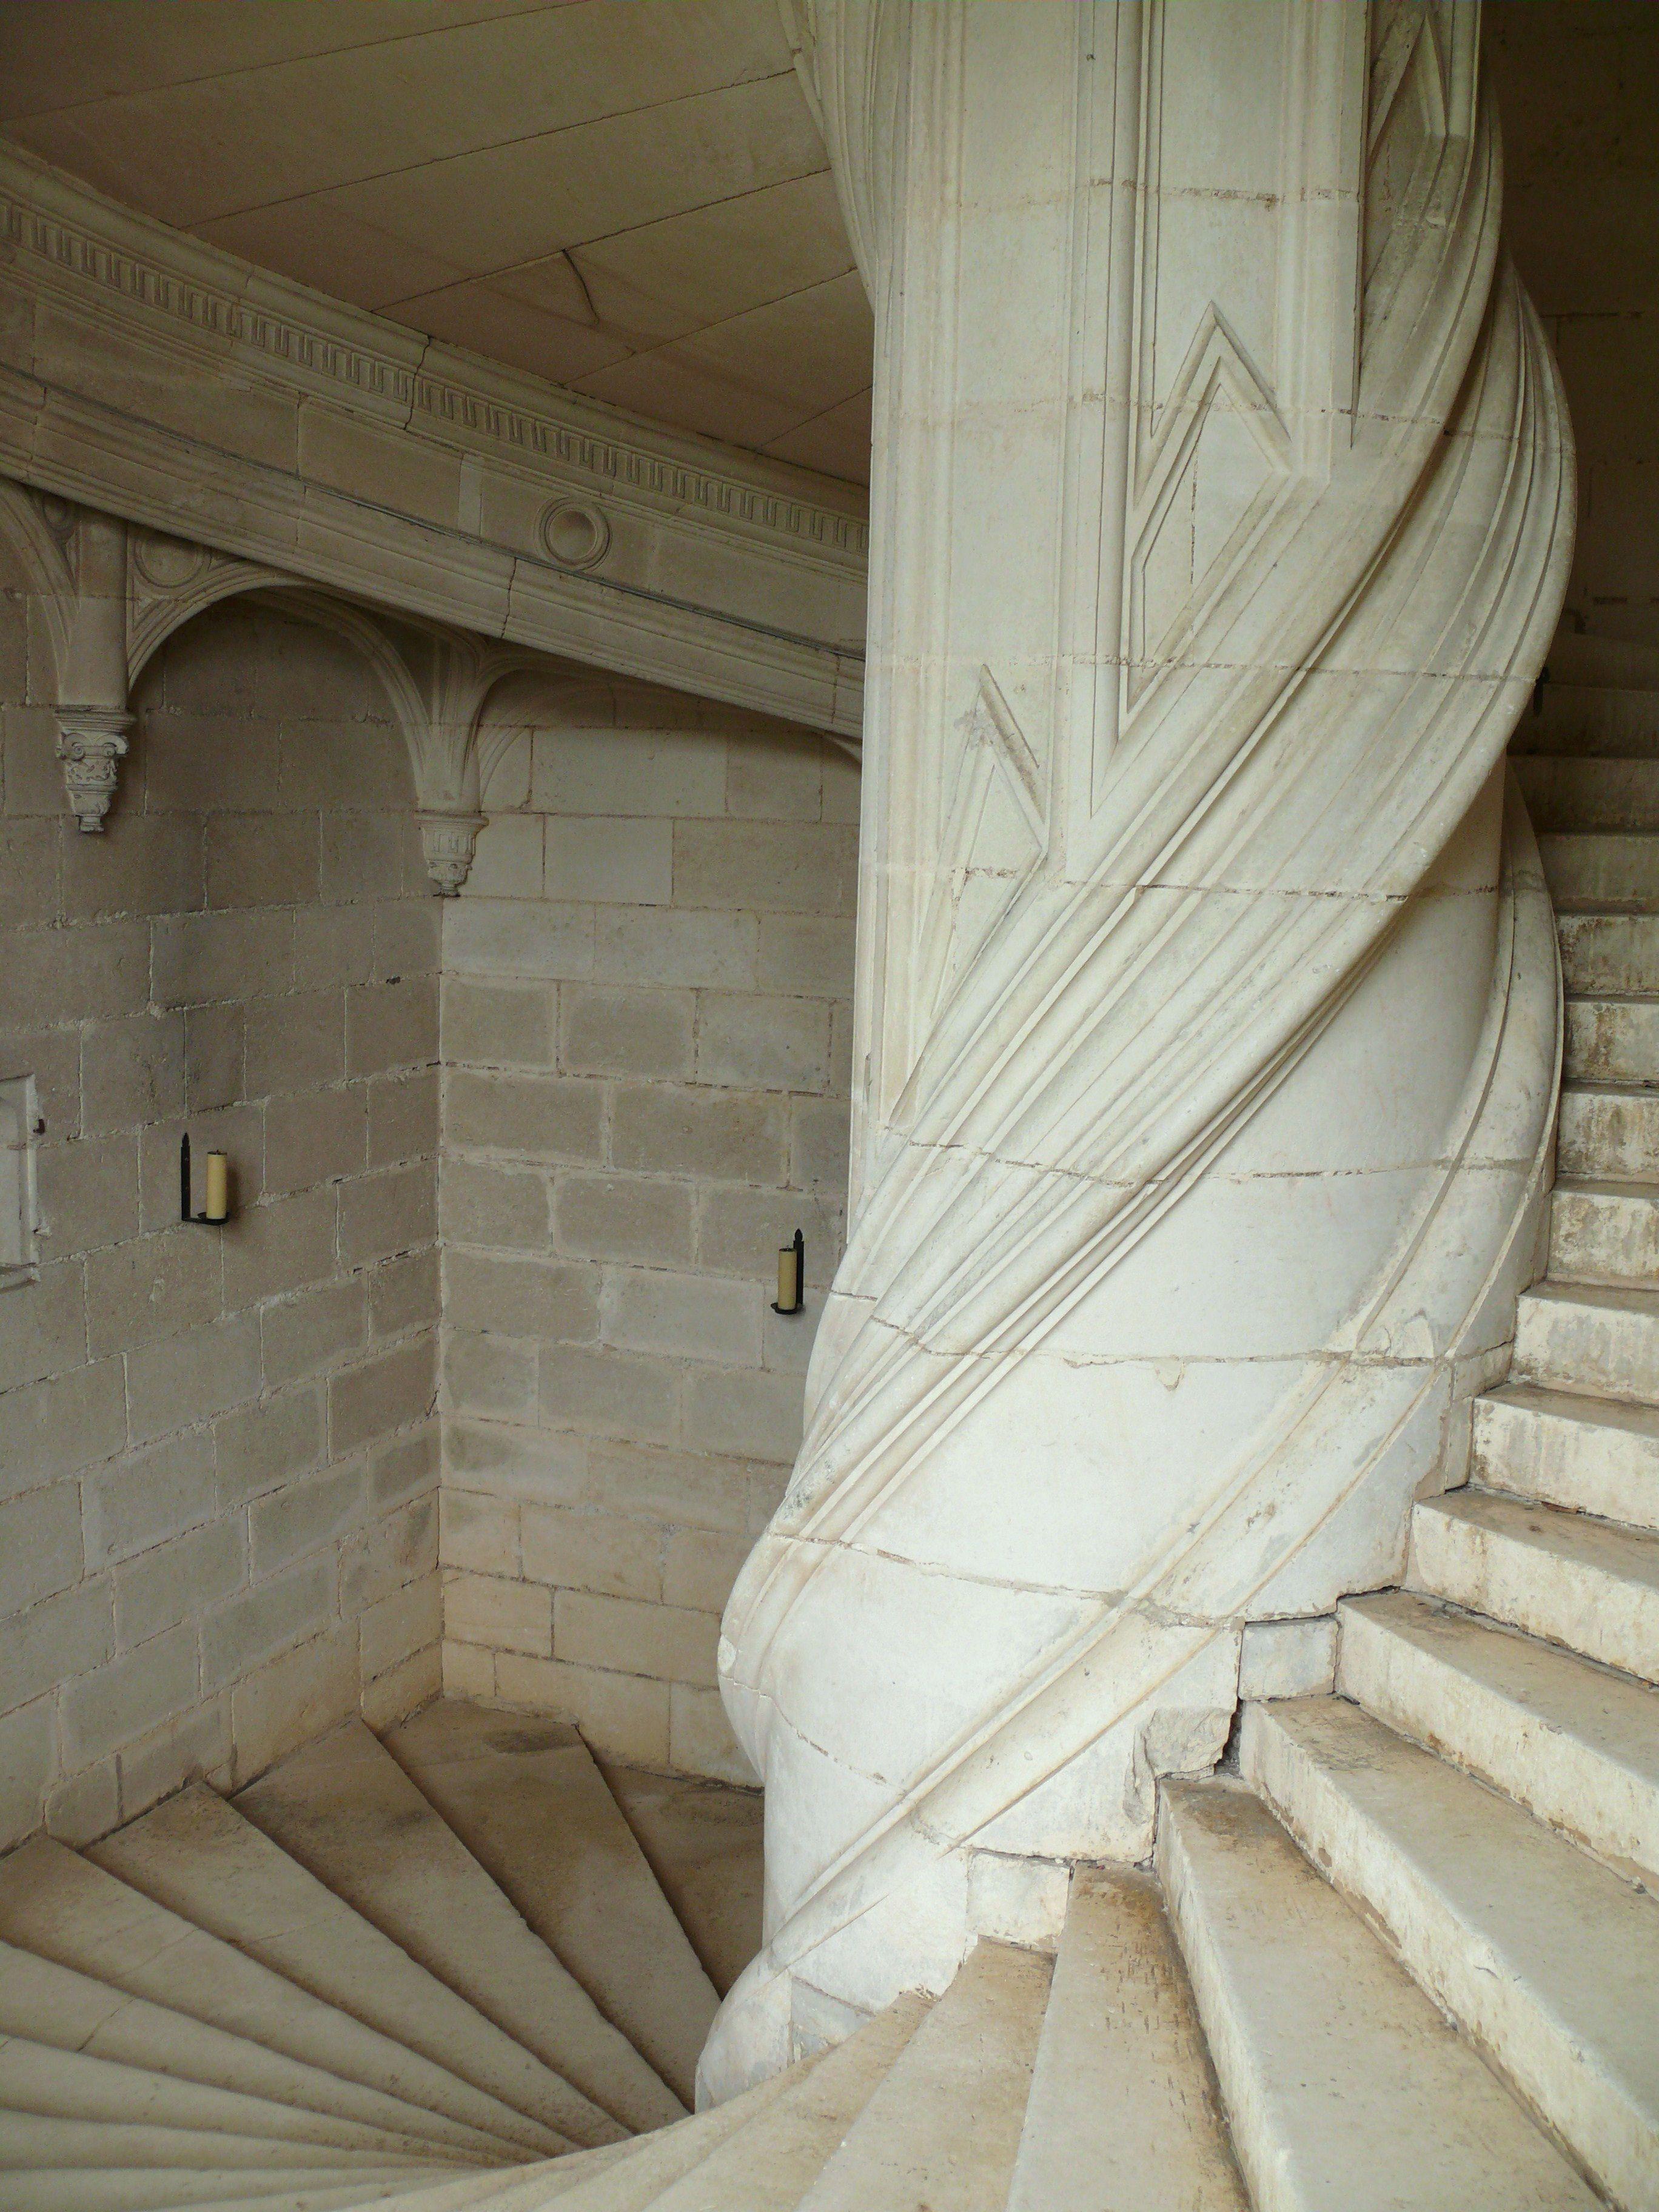 Double Helix Staircase Leonardo Da Vinci Chateau De Chambord